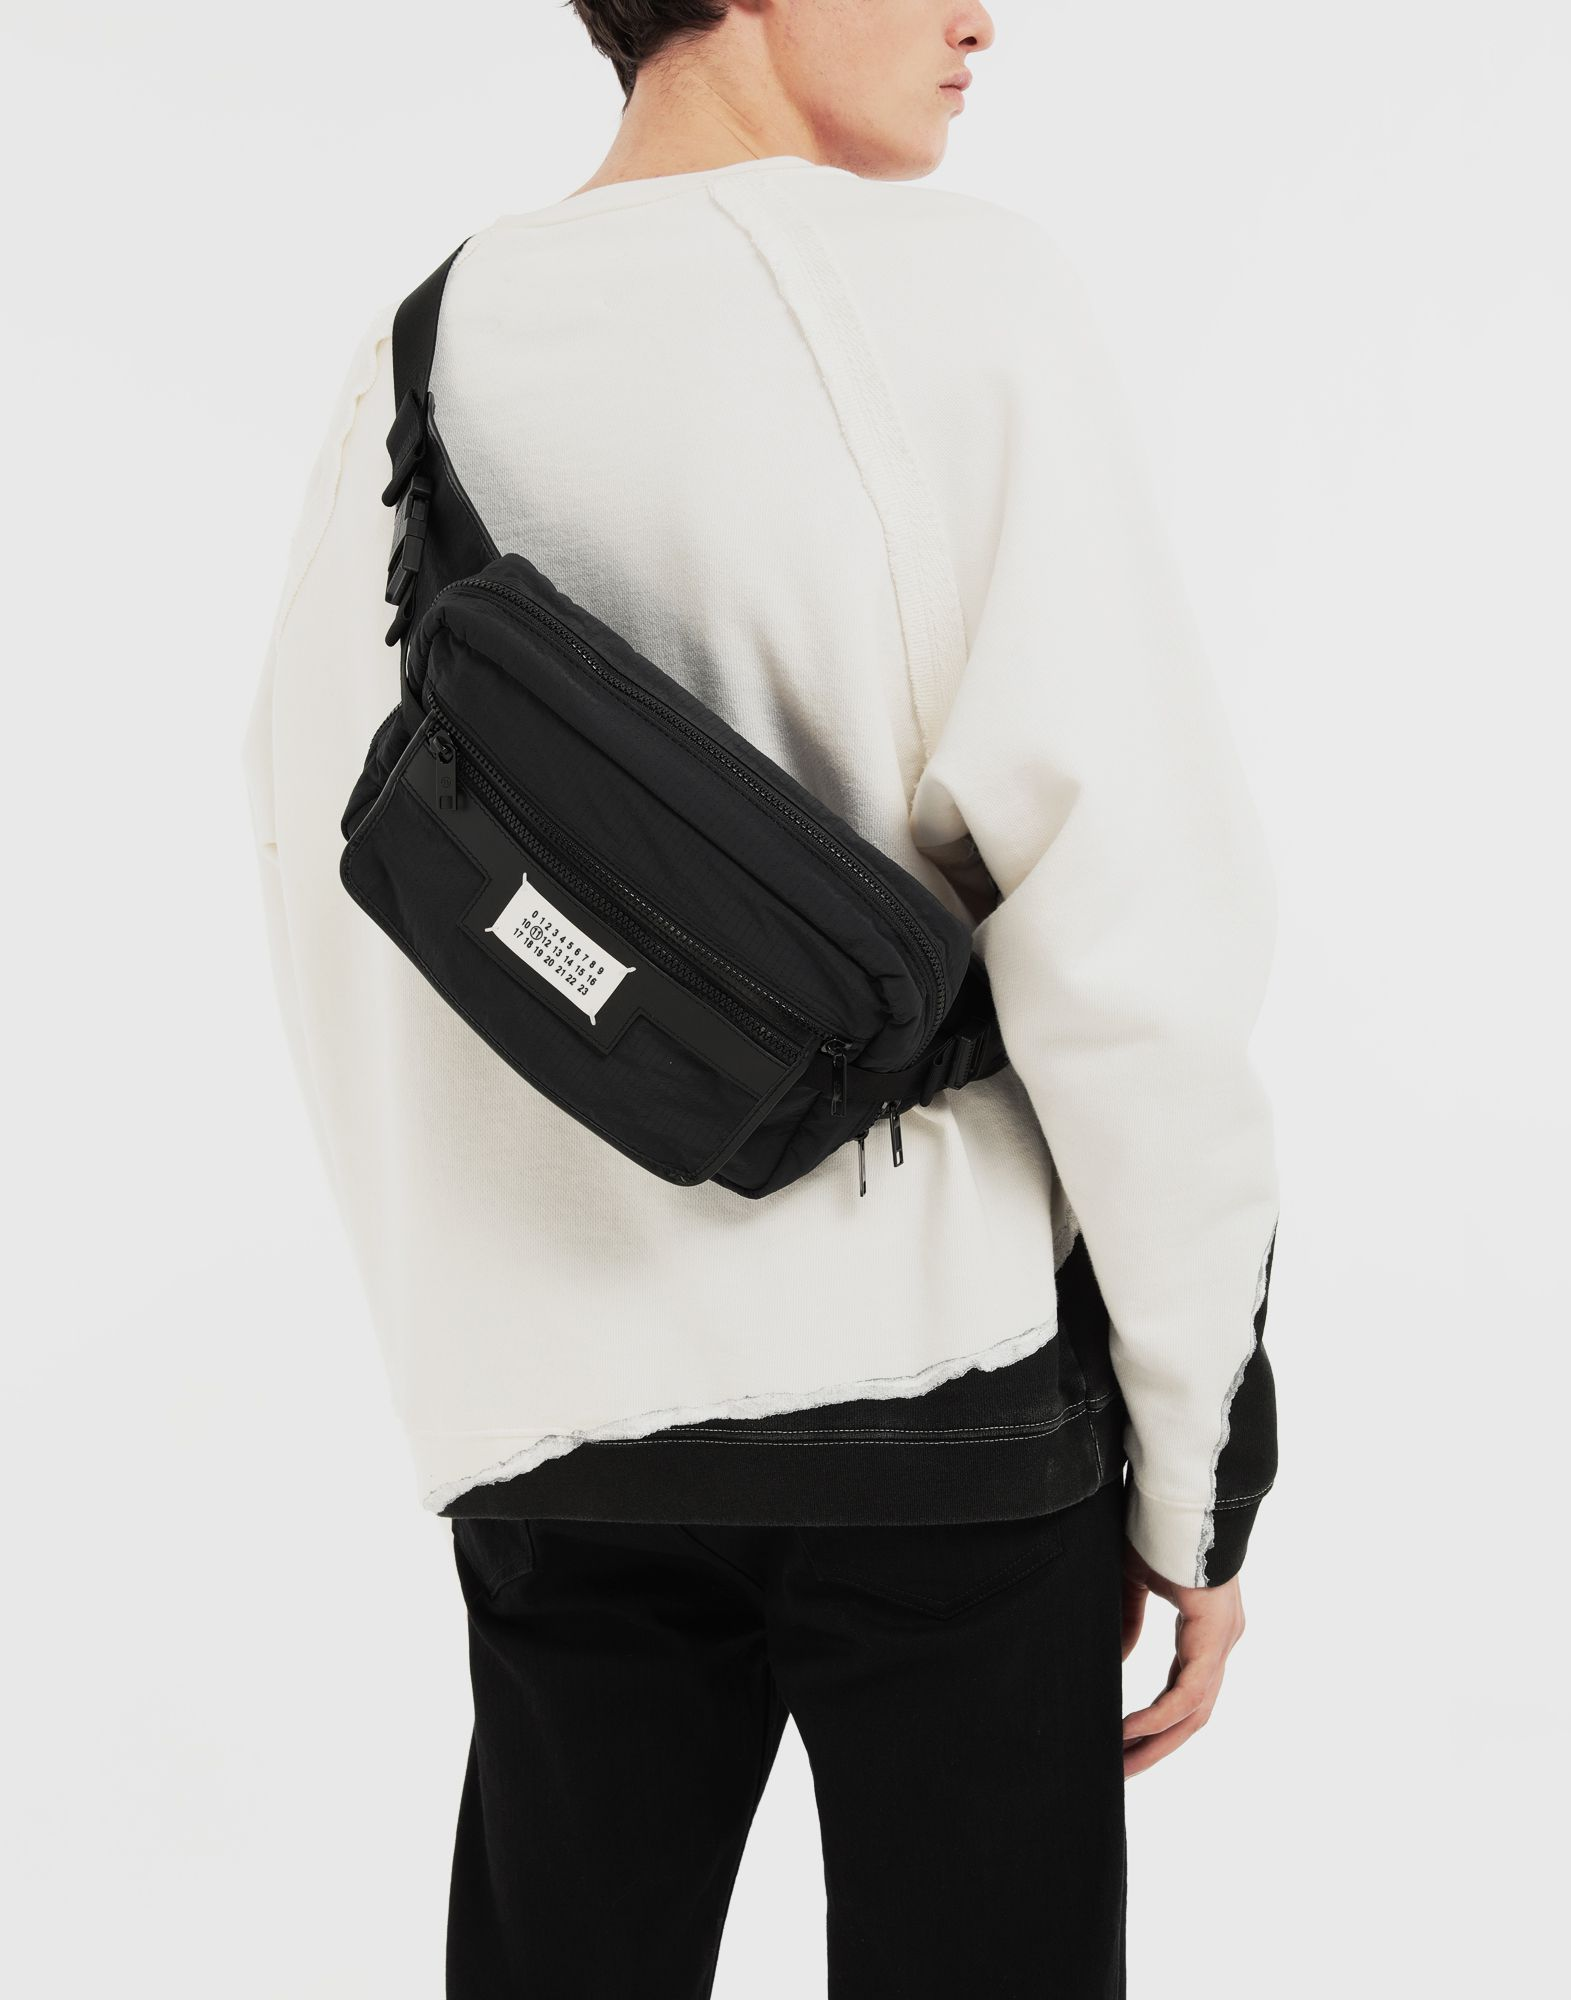 MAISON MARGIELA Сумка на ремешке с логотипом Поясная сумка Для Мужчин r